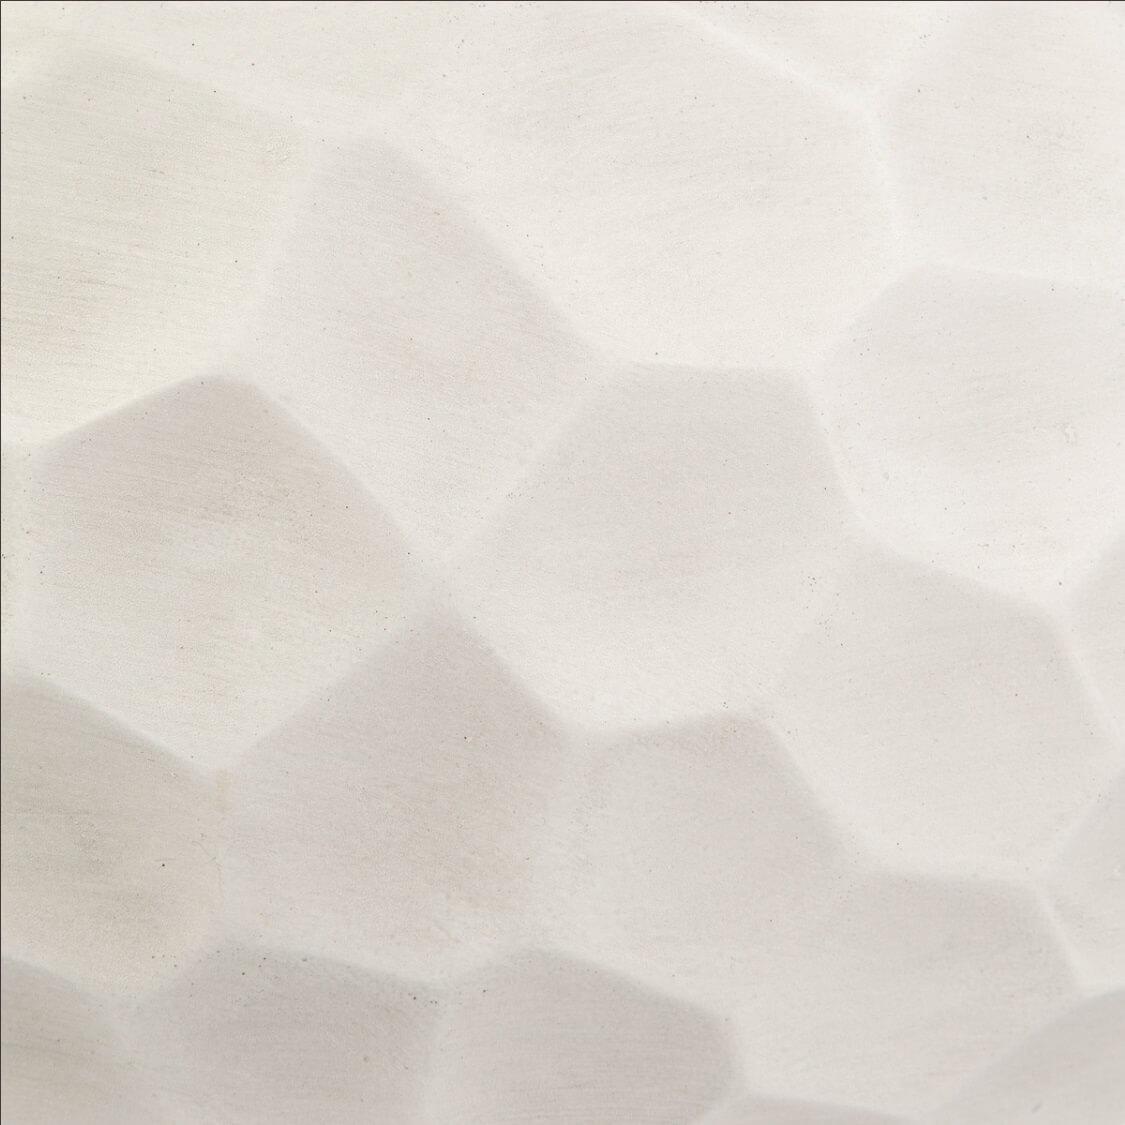 Настольный горшок для цветов Idealist Lite Мозаик D29 H15 текстура